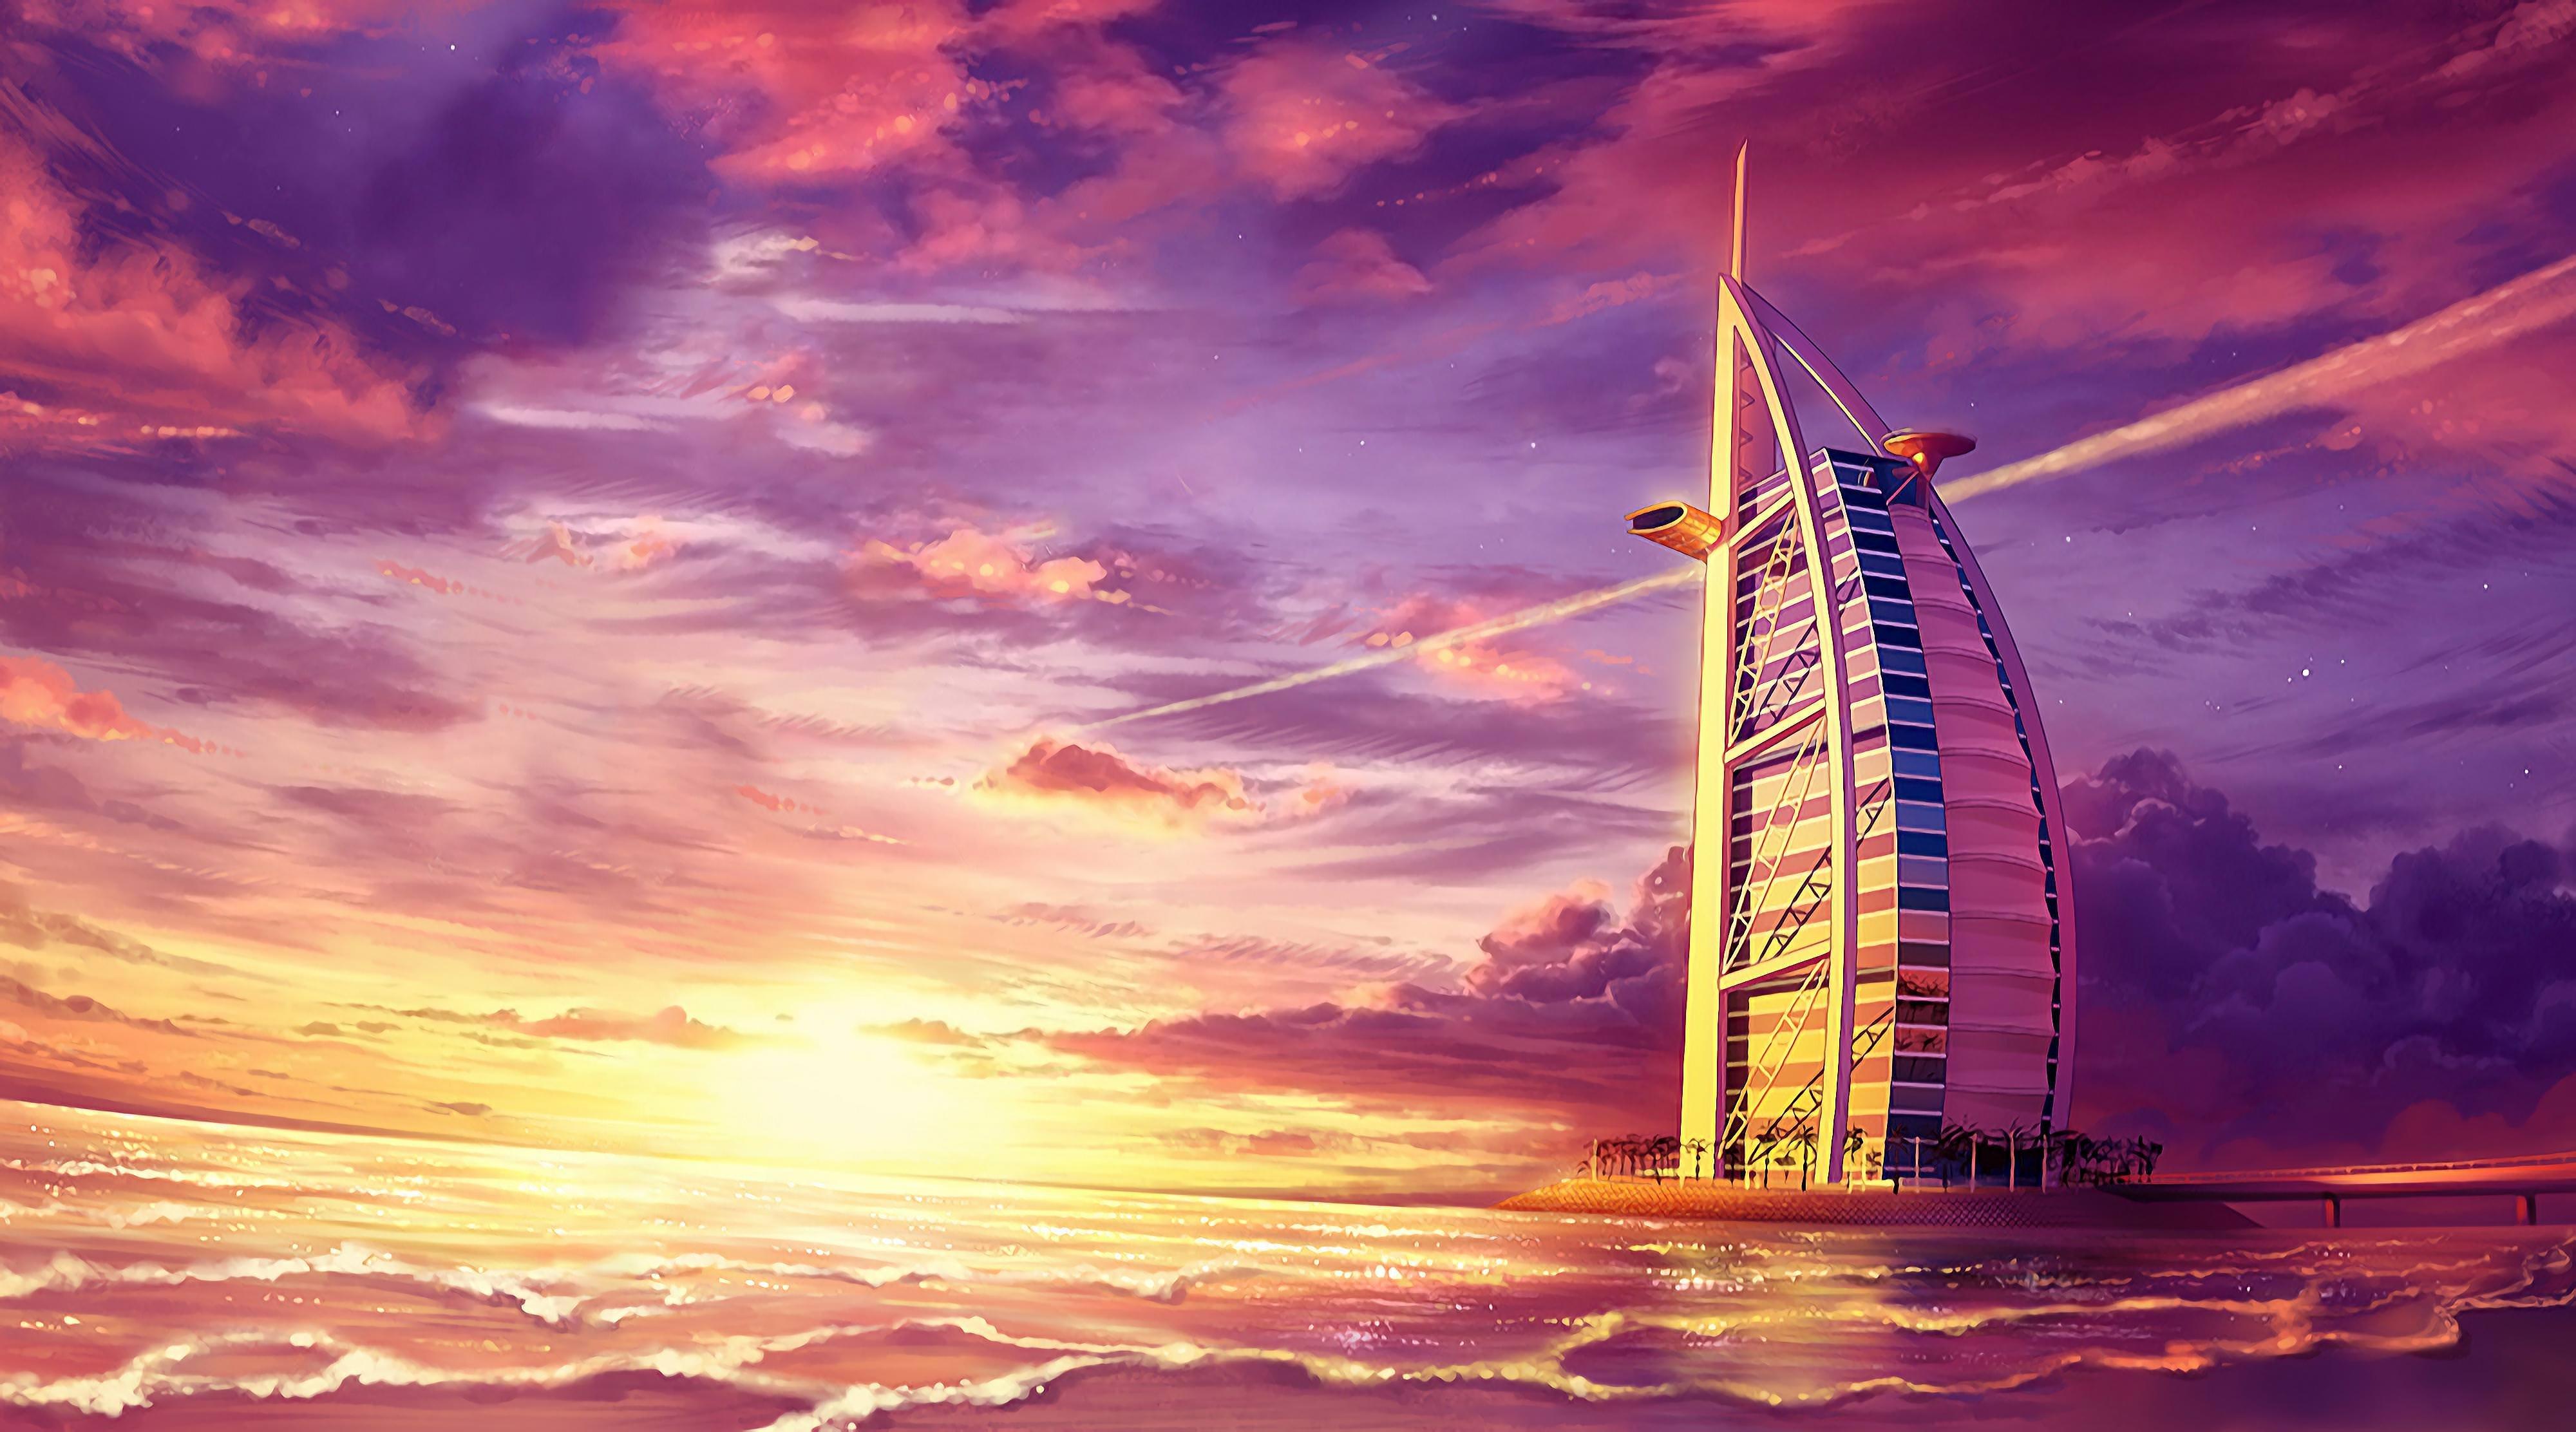 Dubai 4k Wallpaper: Dubai Wallpapers, Photos And Desktop Backgrounds Up To 8K